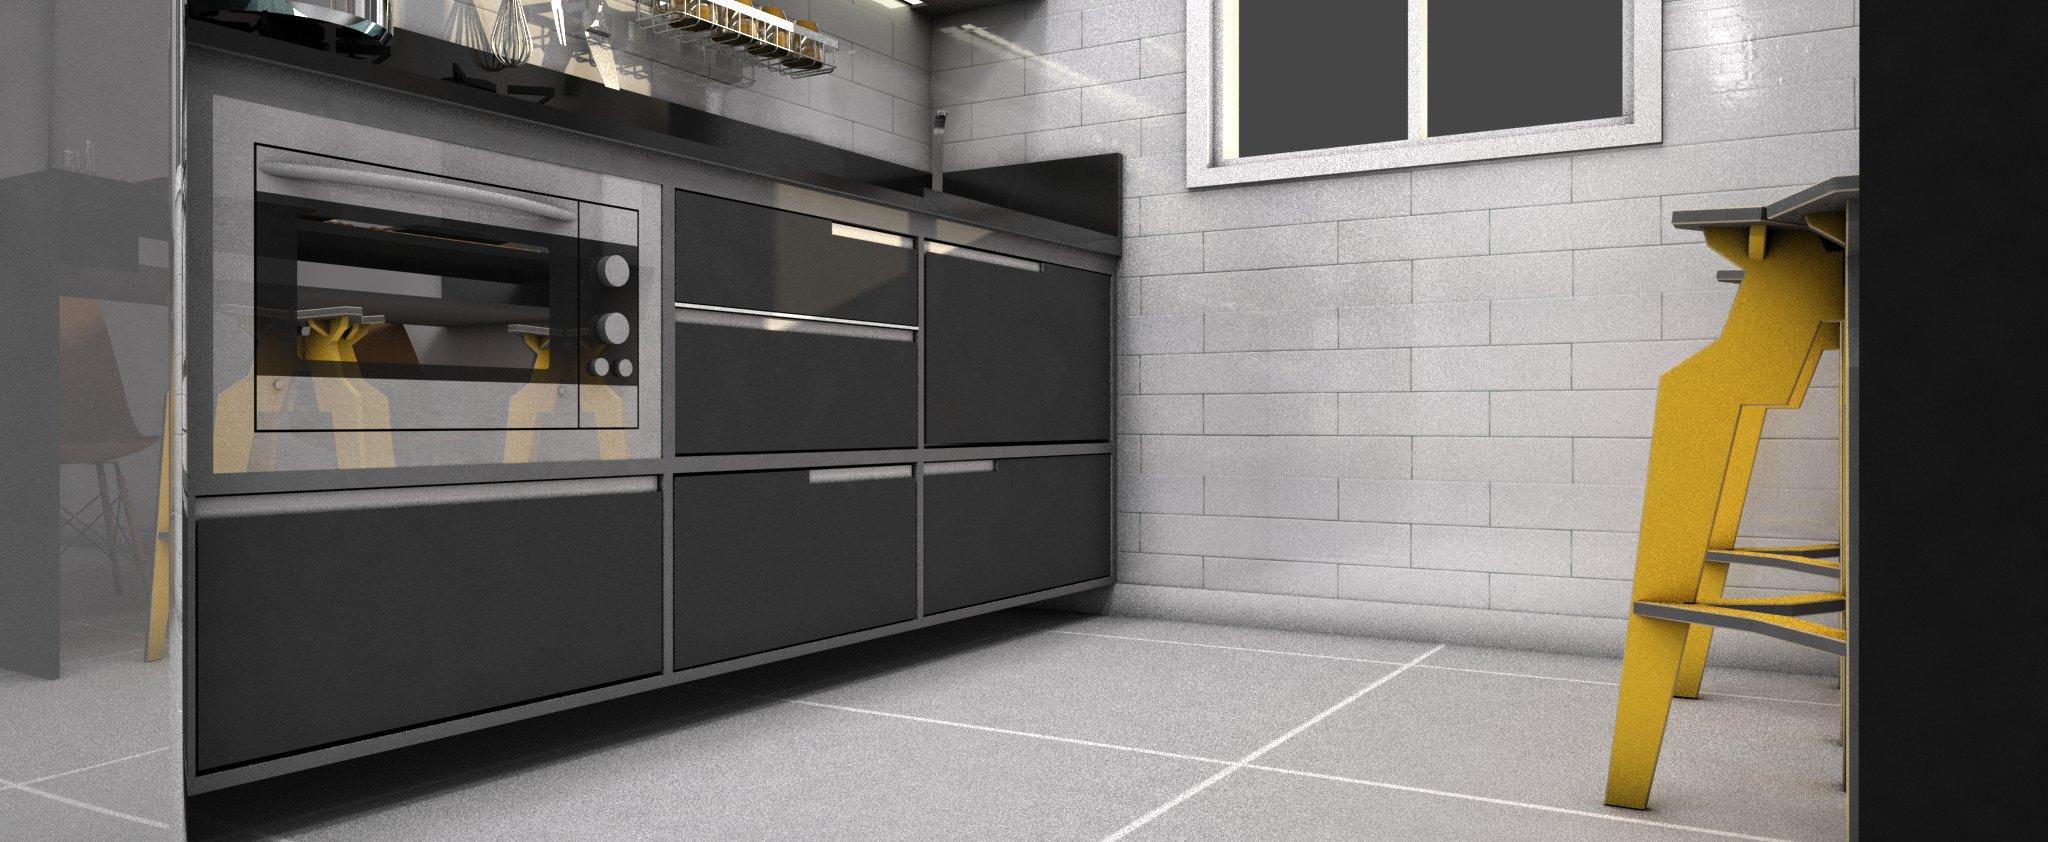 #AA8421 panela ideias imagens de cozinhas planejadas mesa para cozinha pequena  2048x842 px Idéias De Design De Cozinha Pequena Simples_44 Imagens